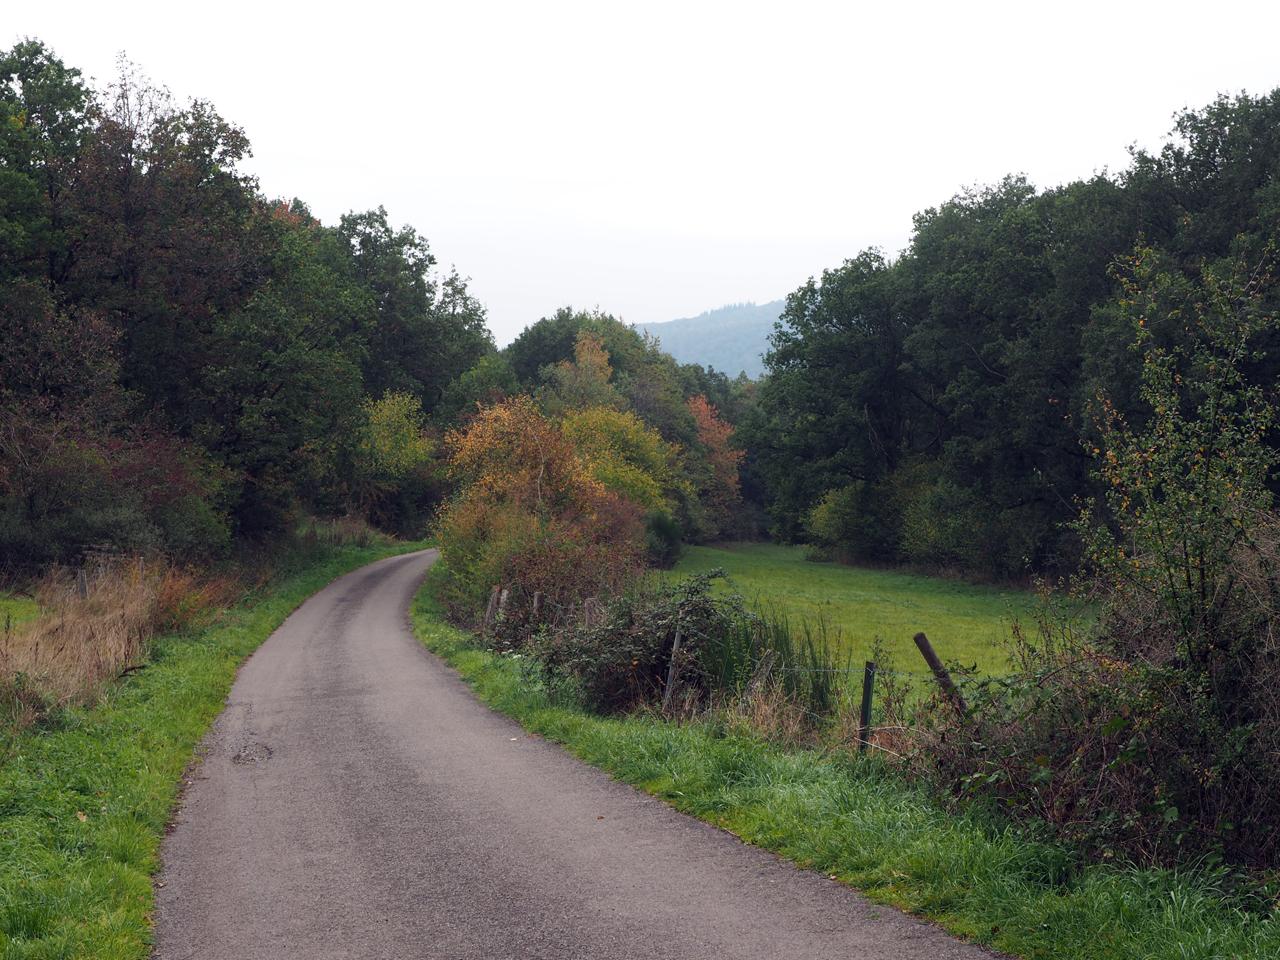 dicht bos en enkele weilanden boven op de bergrug